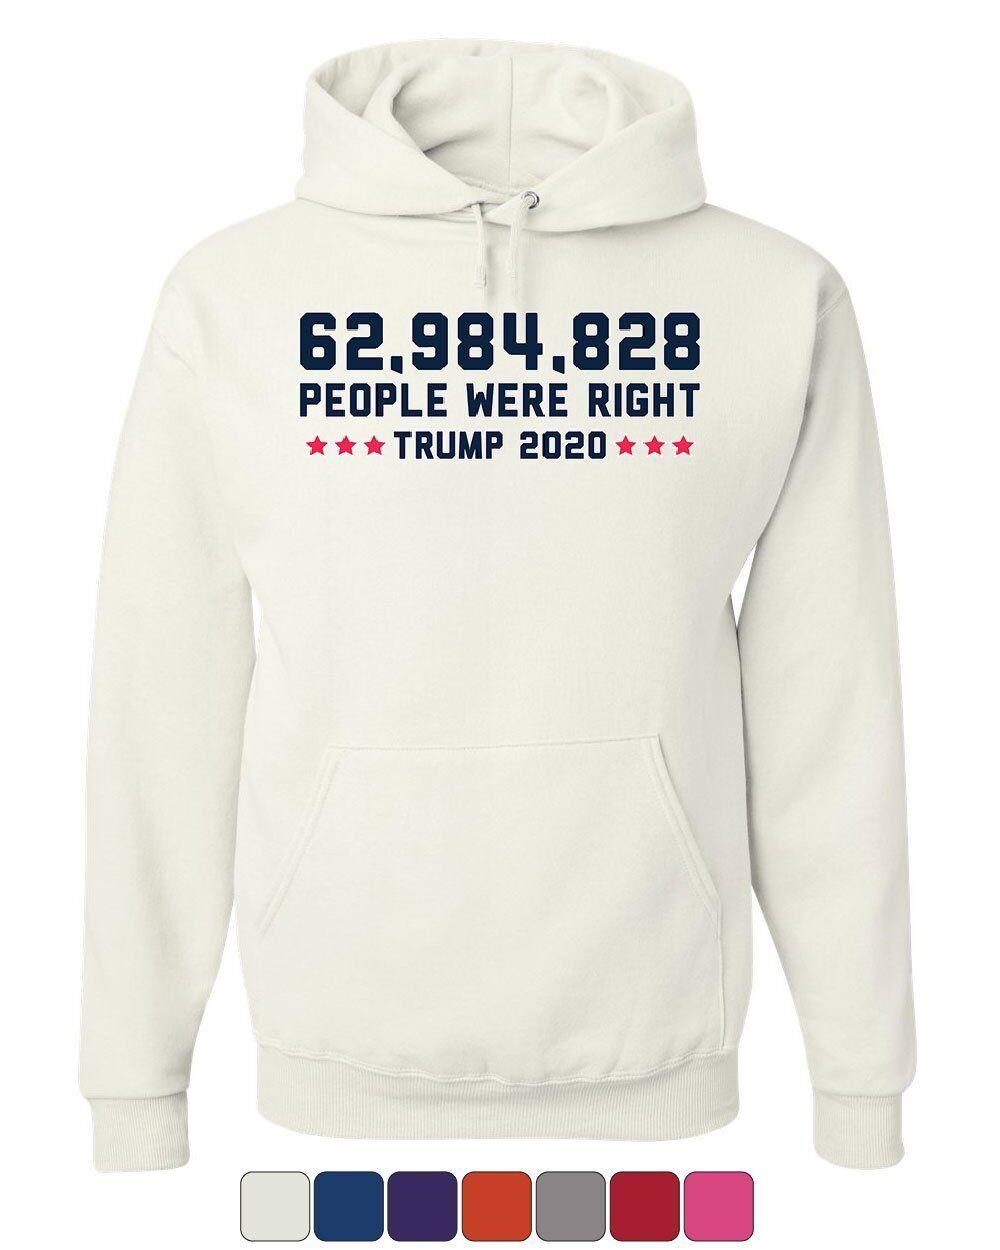 62984828 People were right Hoodie Trump 2020 Keep America Great Sweatshirt